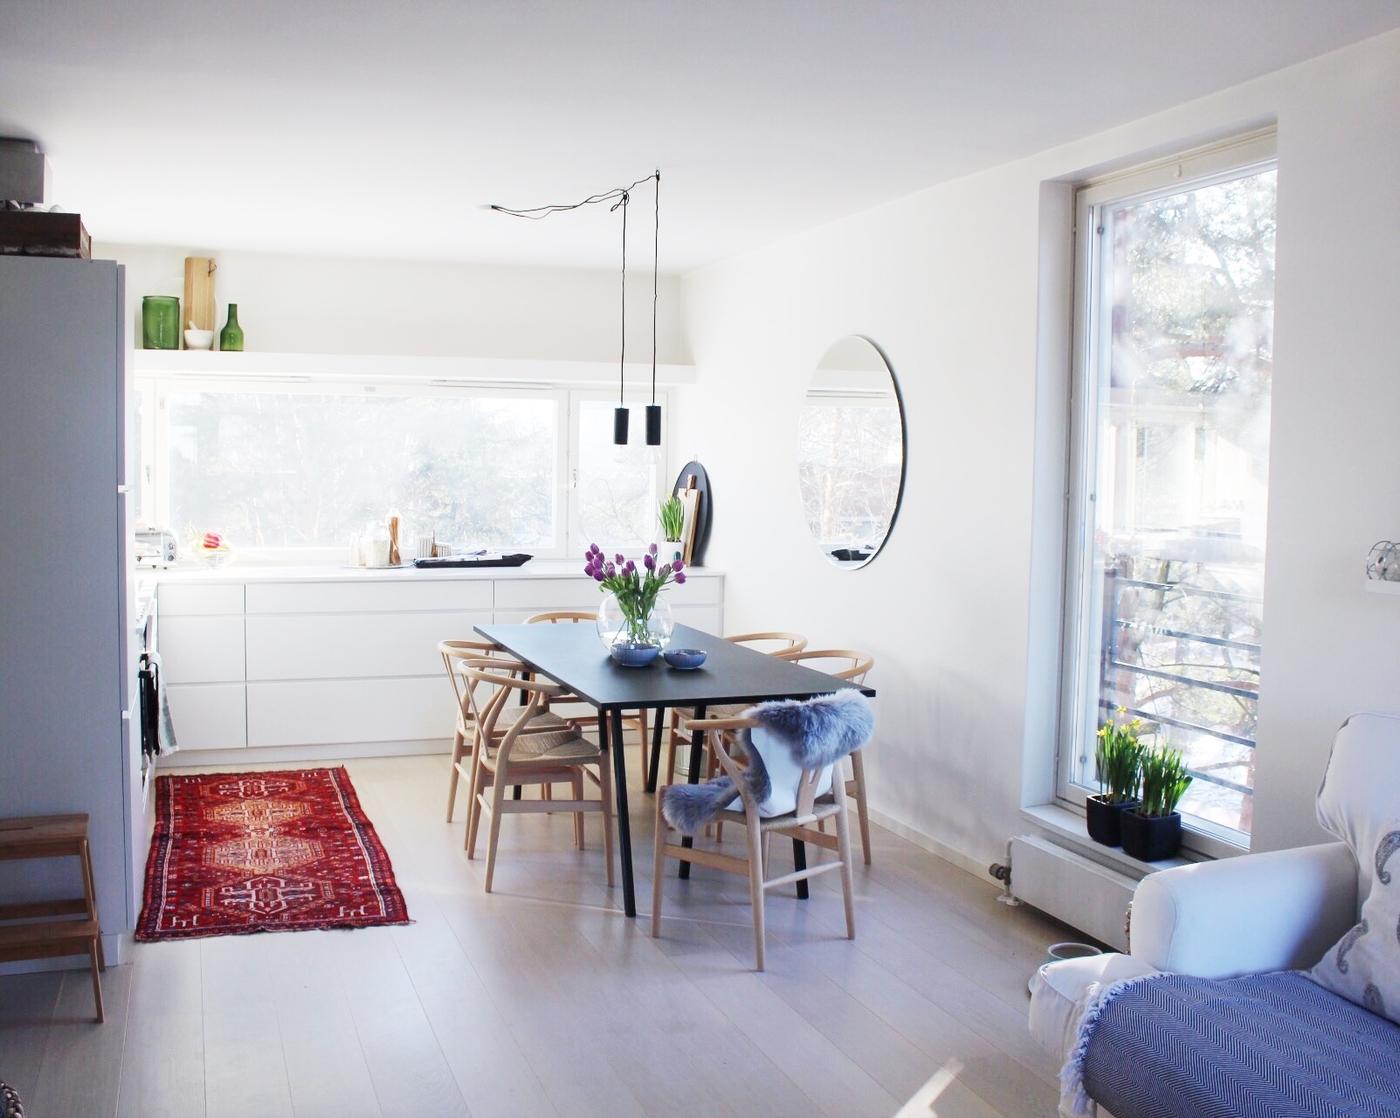 Kylässä: Lindan & Fredden elegantti Espoon koti (feat. Alfons)